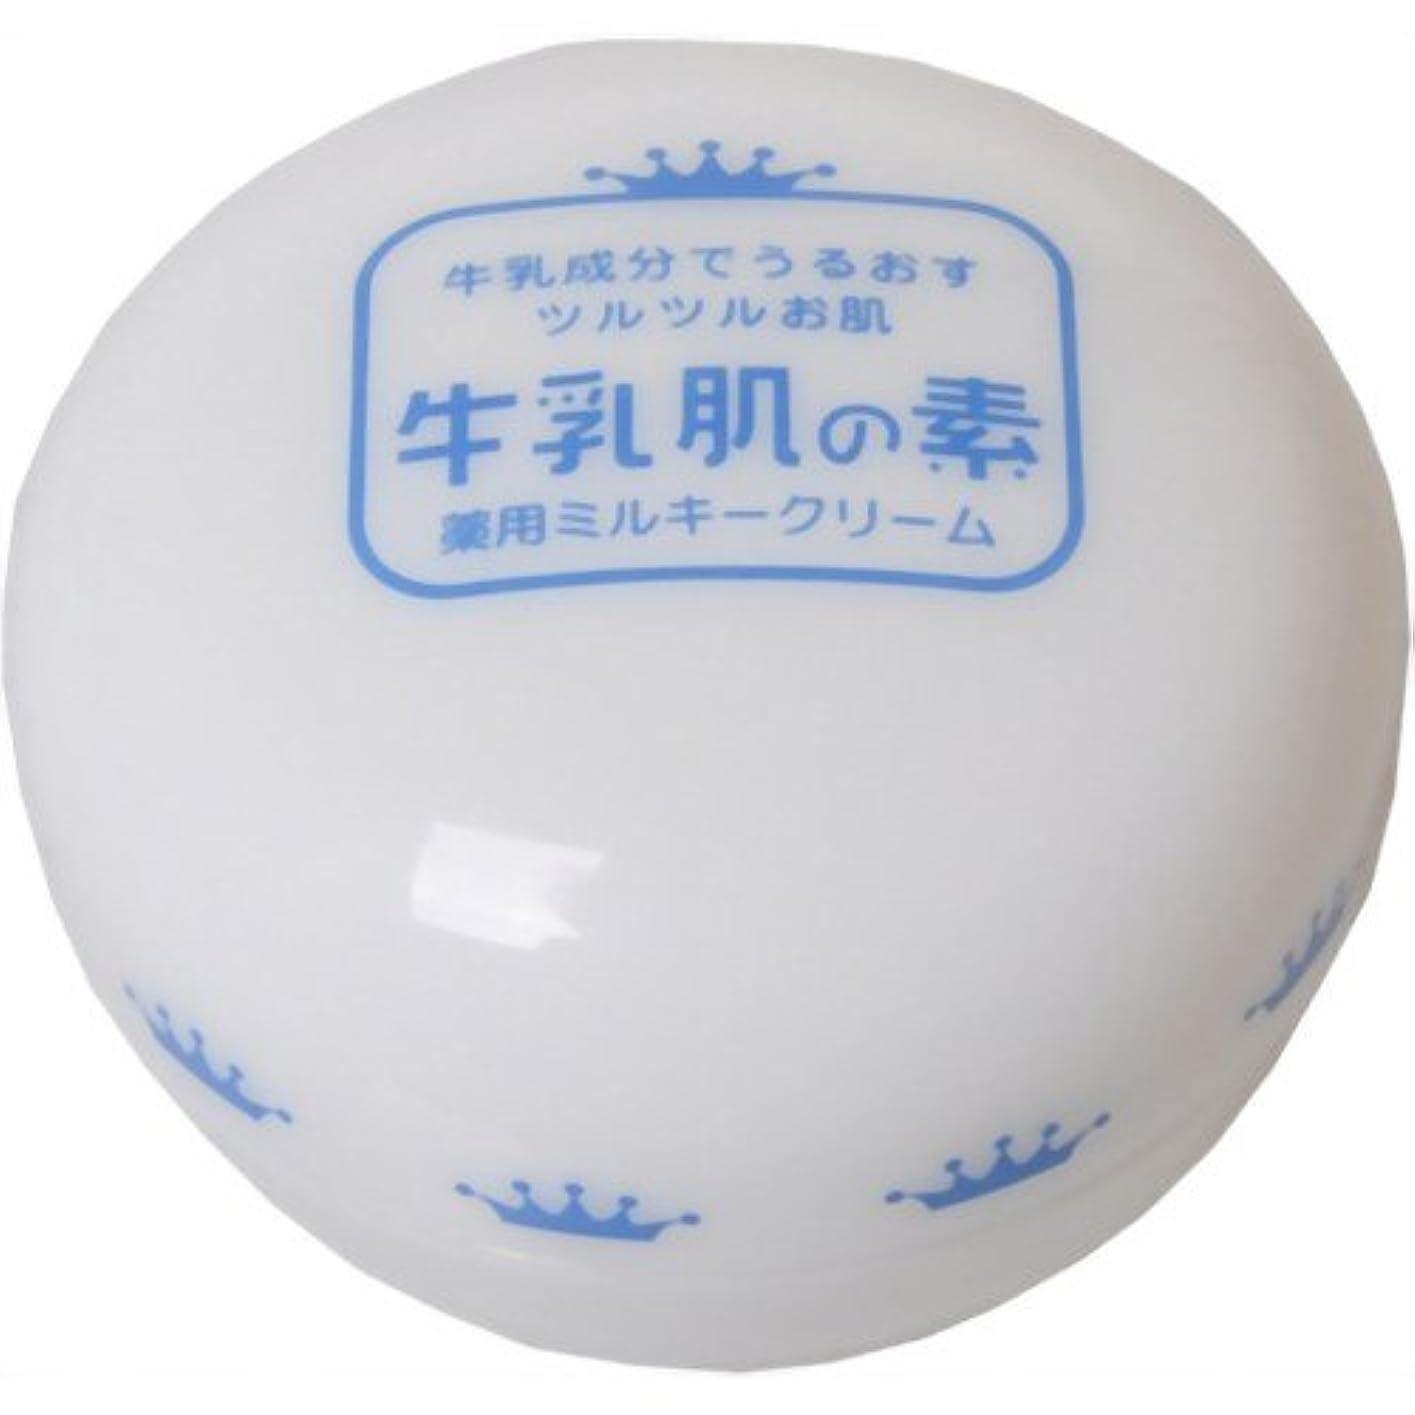 懇願するアミューズメント定義牛乳肌の素 薬用ミルキークリーム 20g